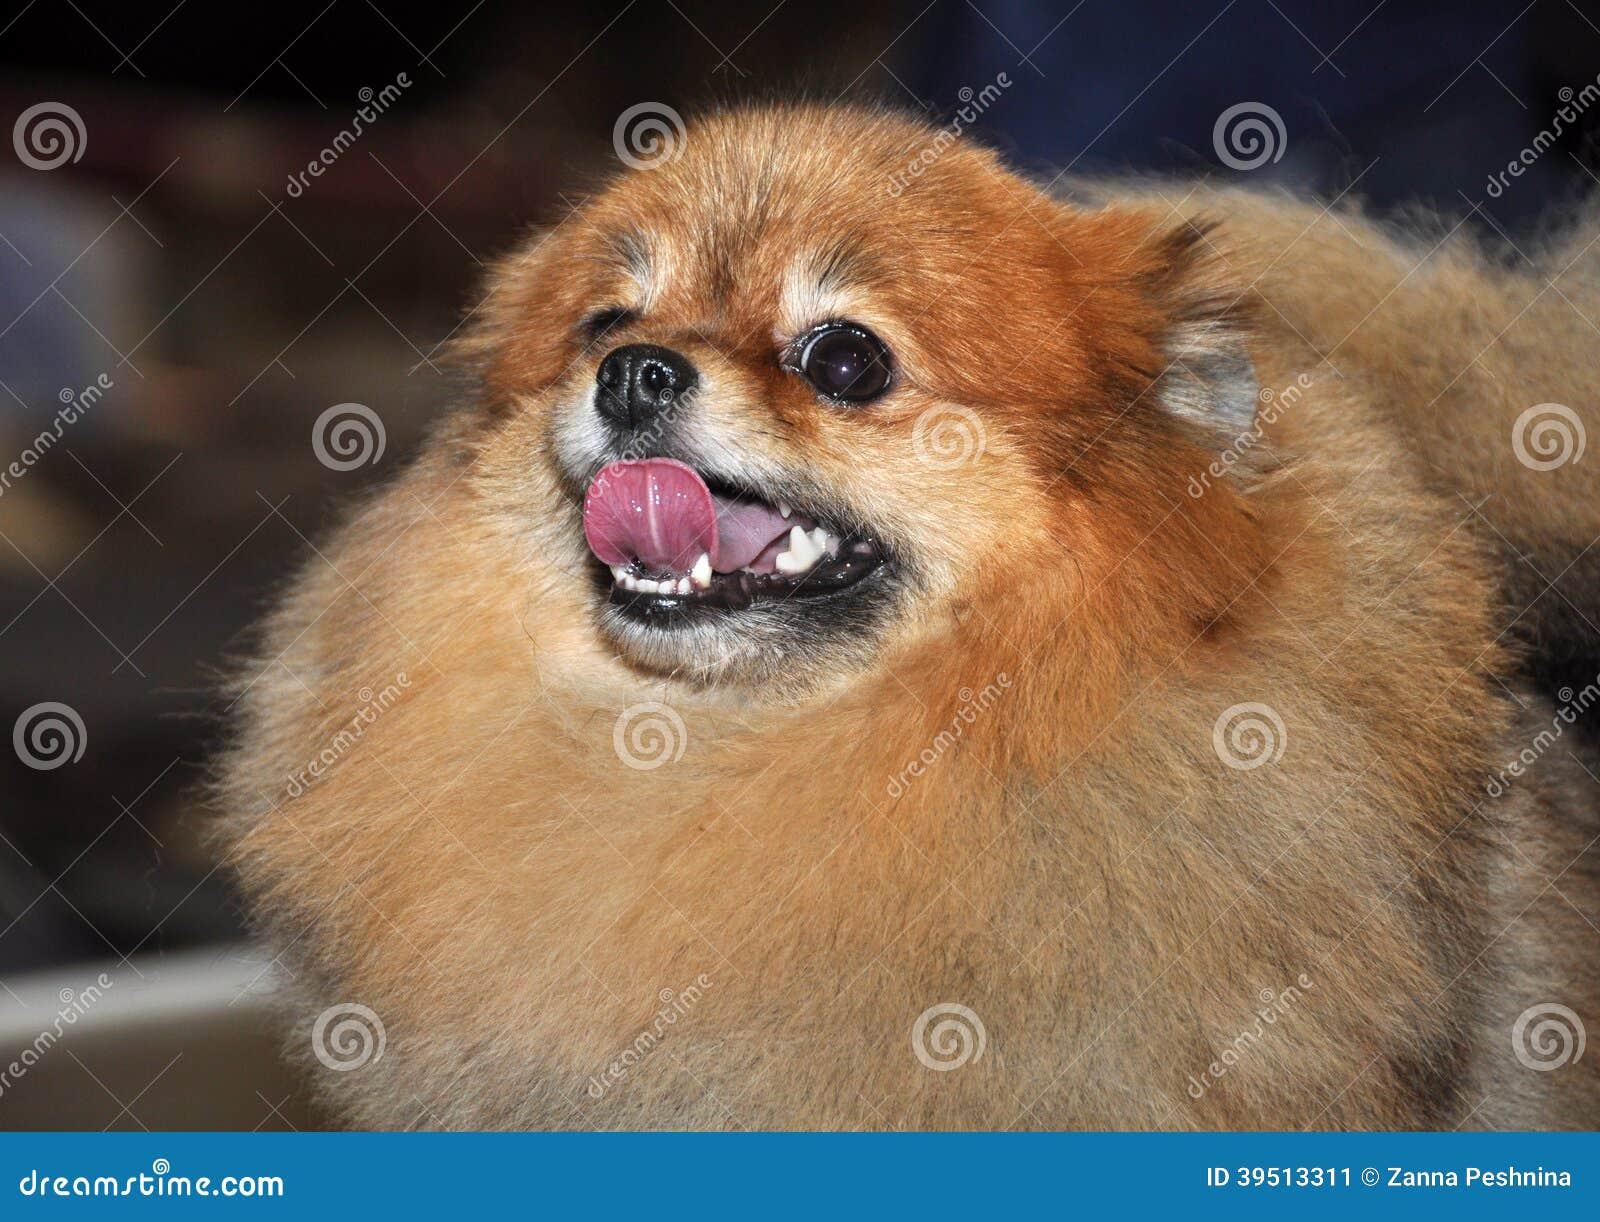 Spitz dog red